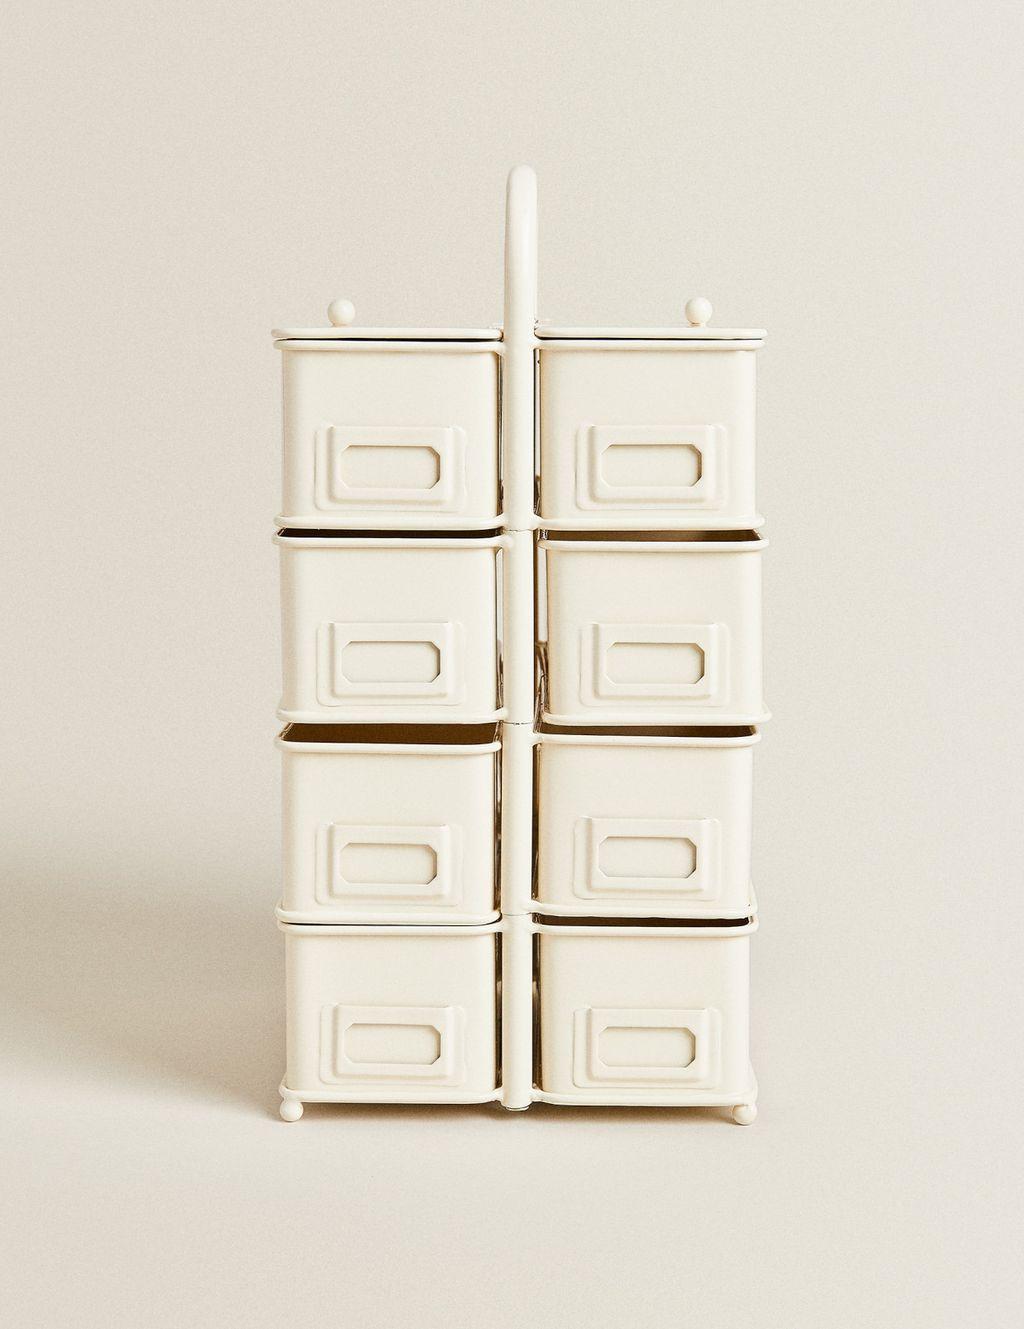 Kolekcija alata iz trgovine Zara Home - 6